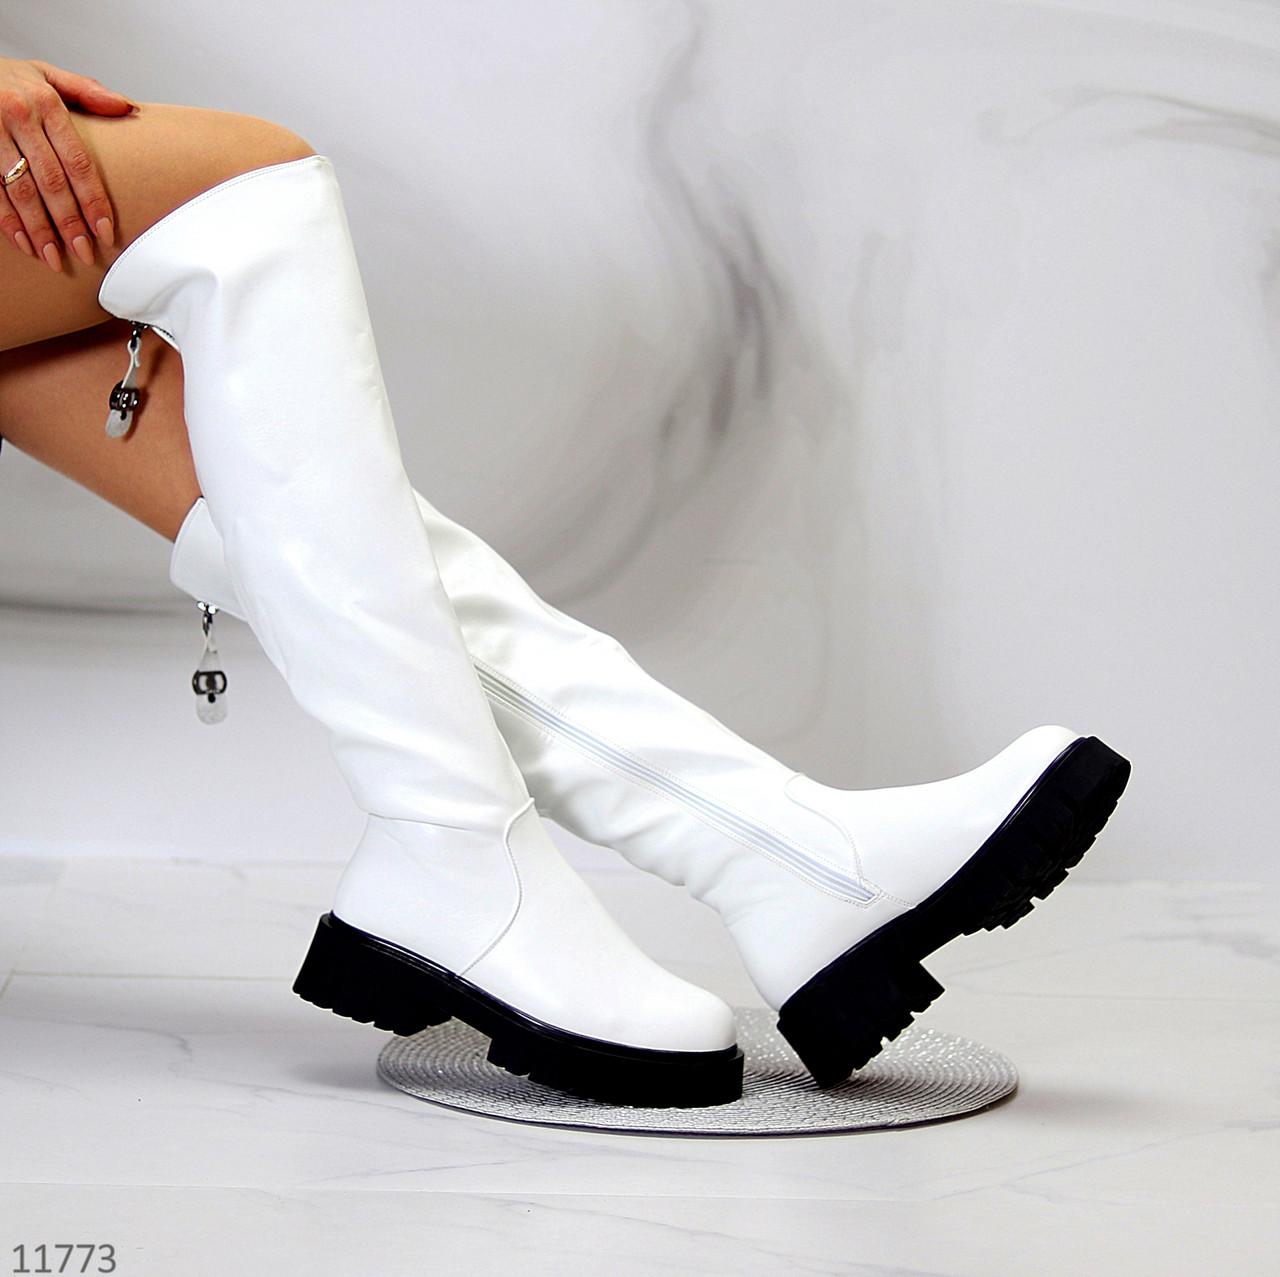 Эффектные удобные белые зимние высокие женские сапоги ботфорты